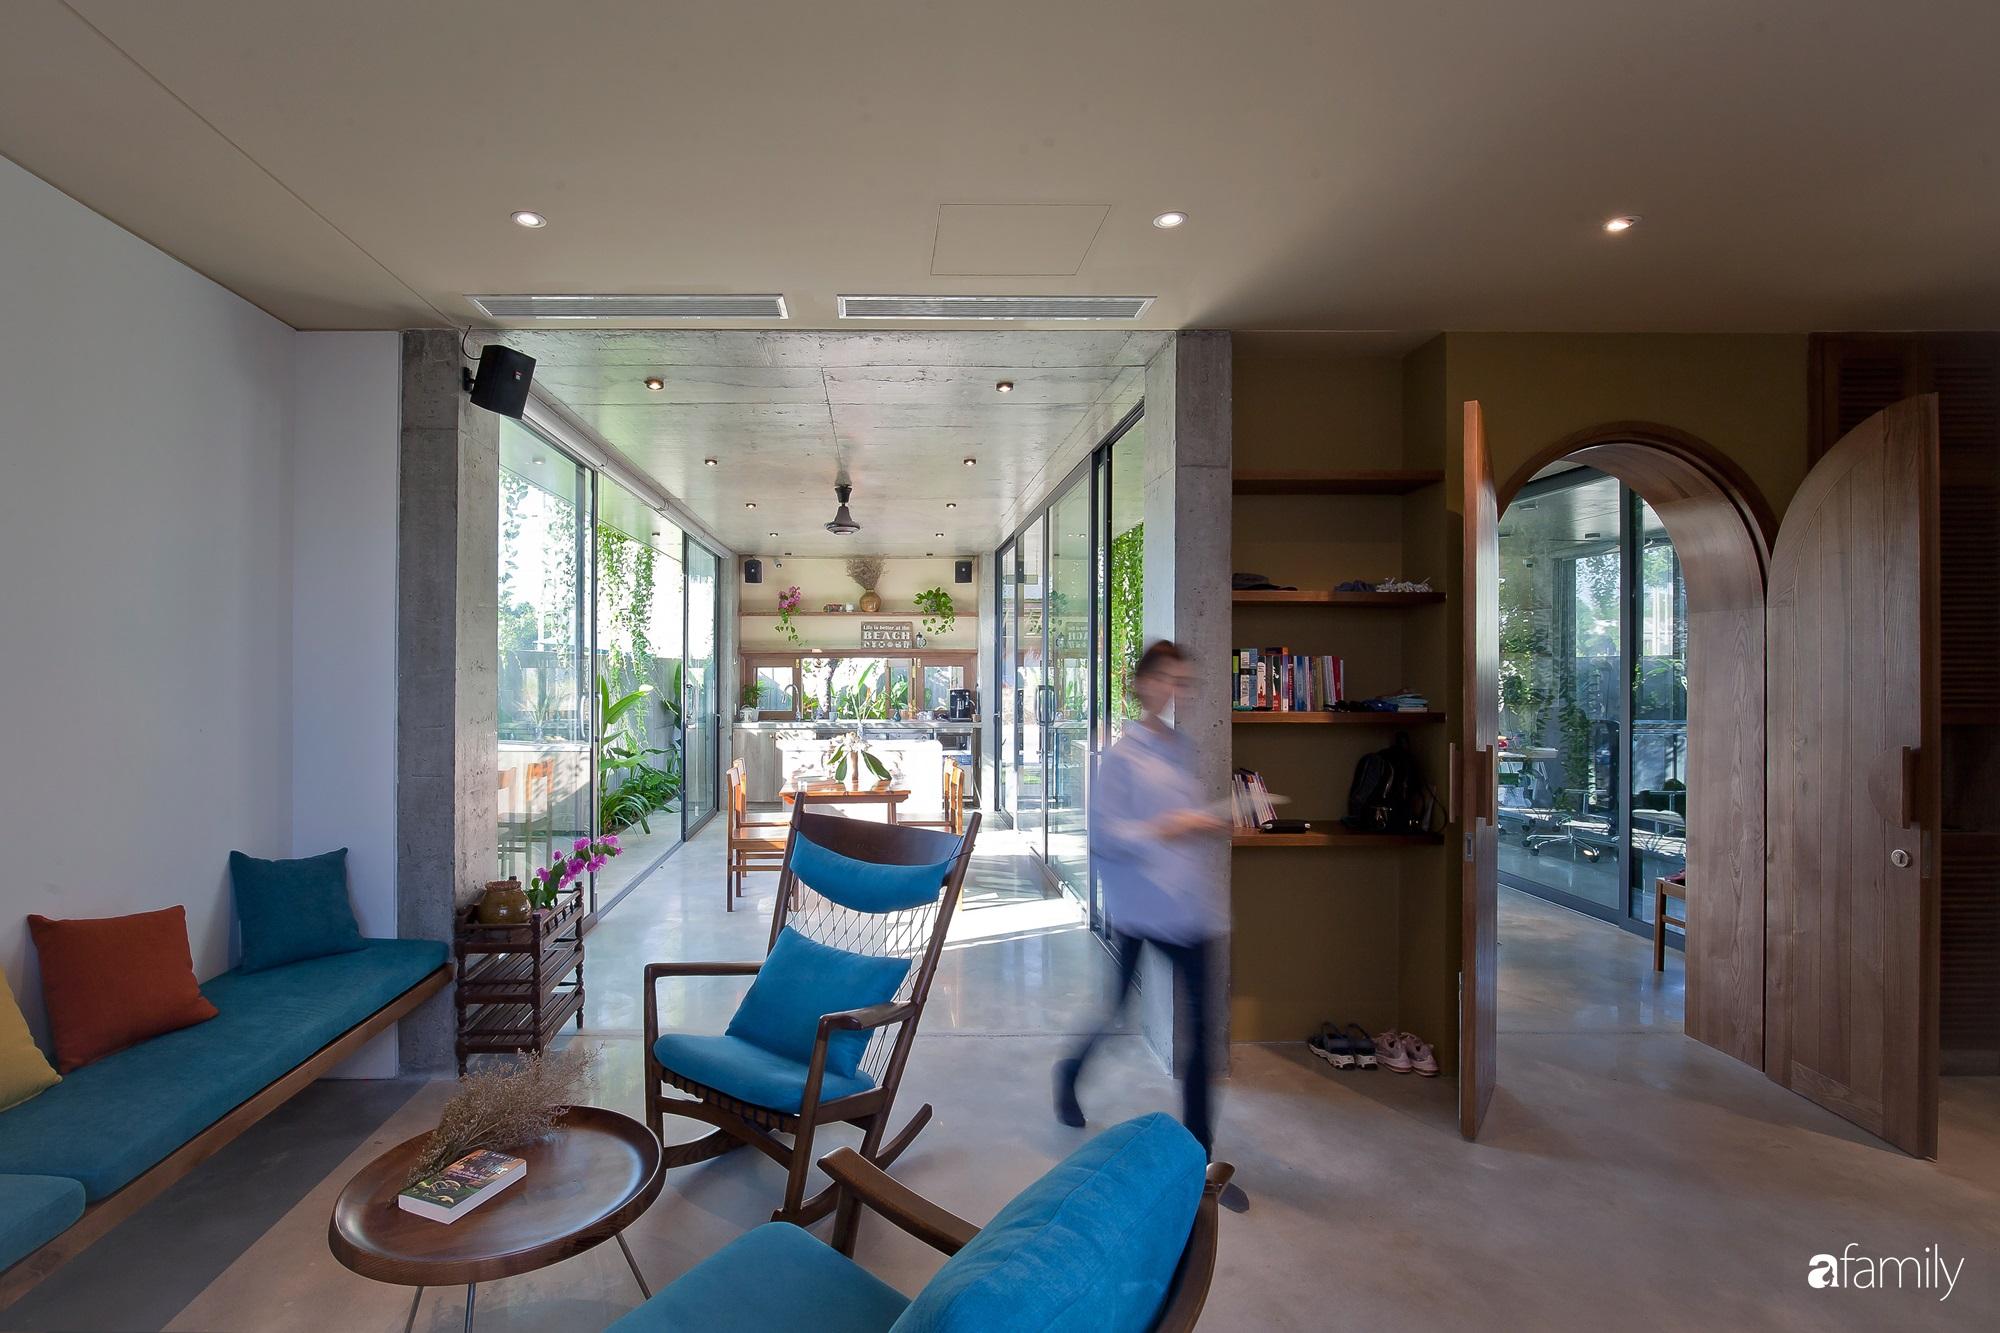 Nhà vườn mái tranh rộng 200m² với đủ tiện nghi hiện đại nổi bật giữa phố thị Hội An có chi phí xây dựng 2,1 tỷ đồng - Ảnh 17.